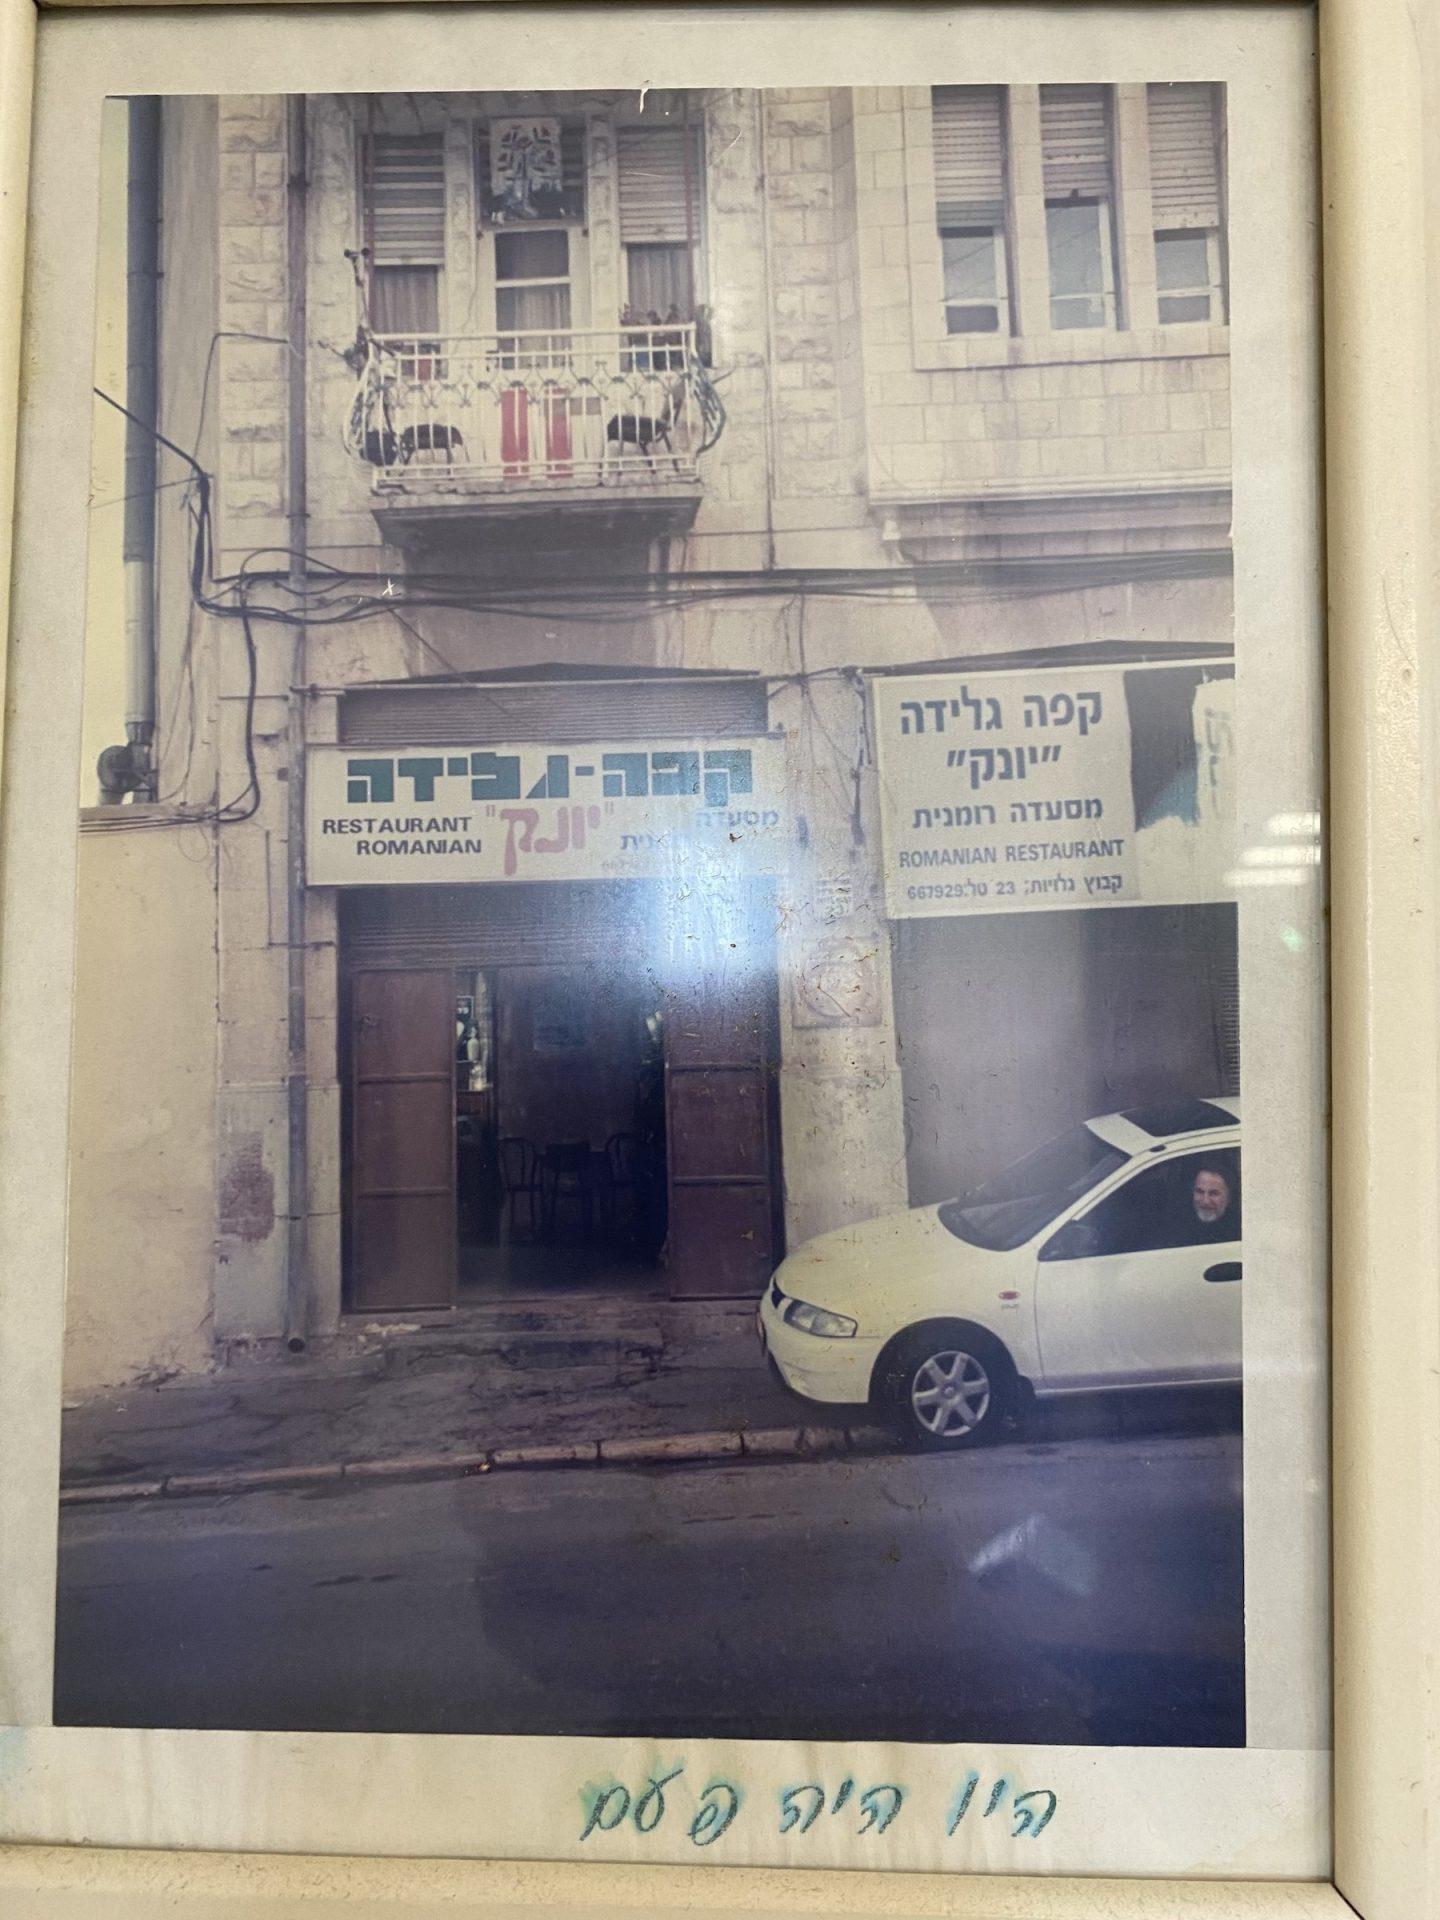 יונק קפה גלידה איפה לאכול בחיפה